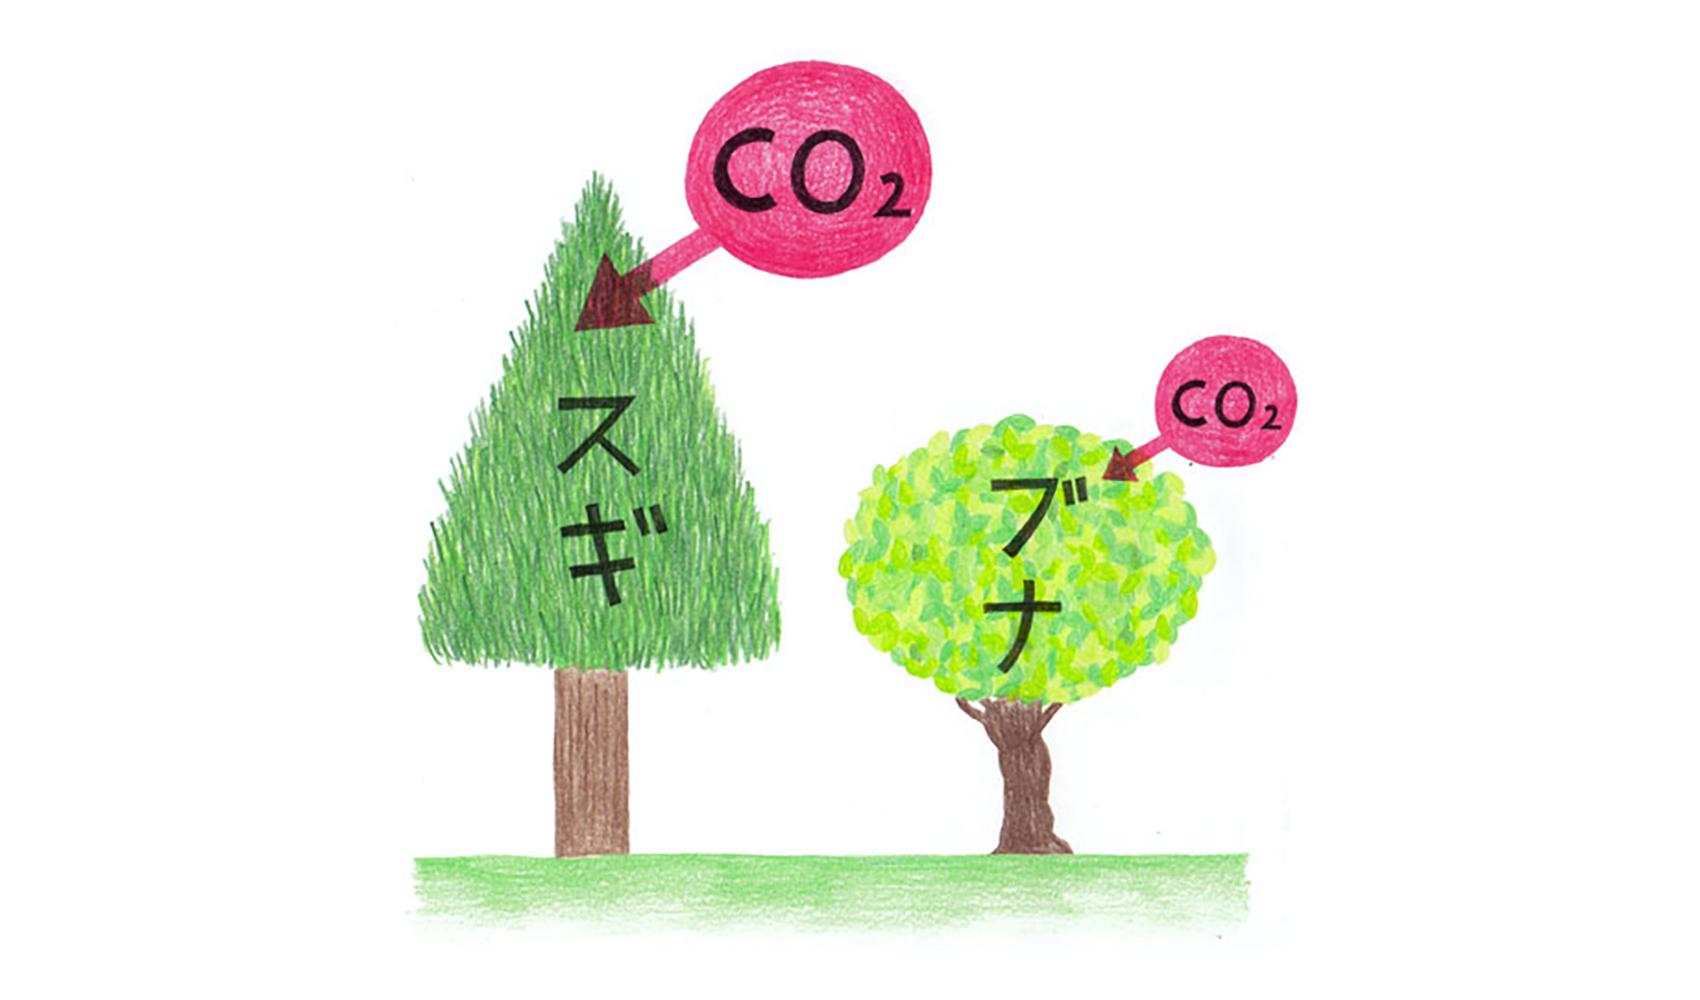 木の種類によって二酸化炭素の吸収量はちがうのですか?